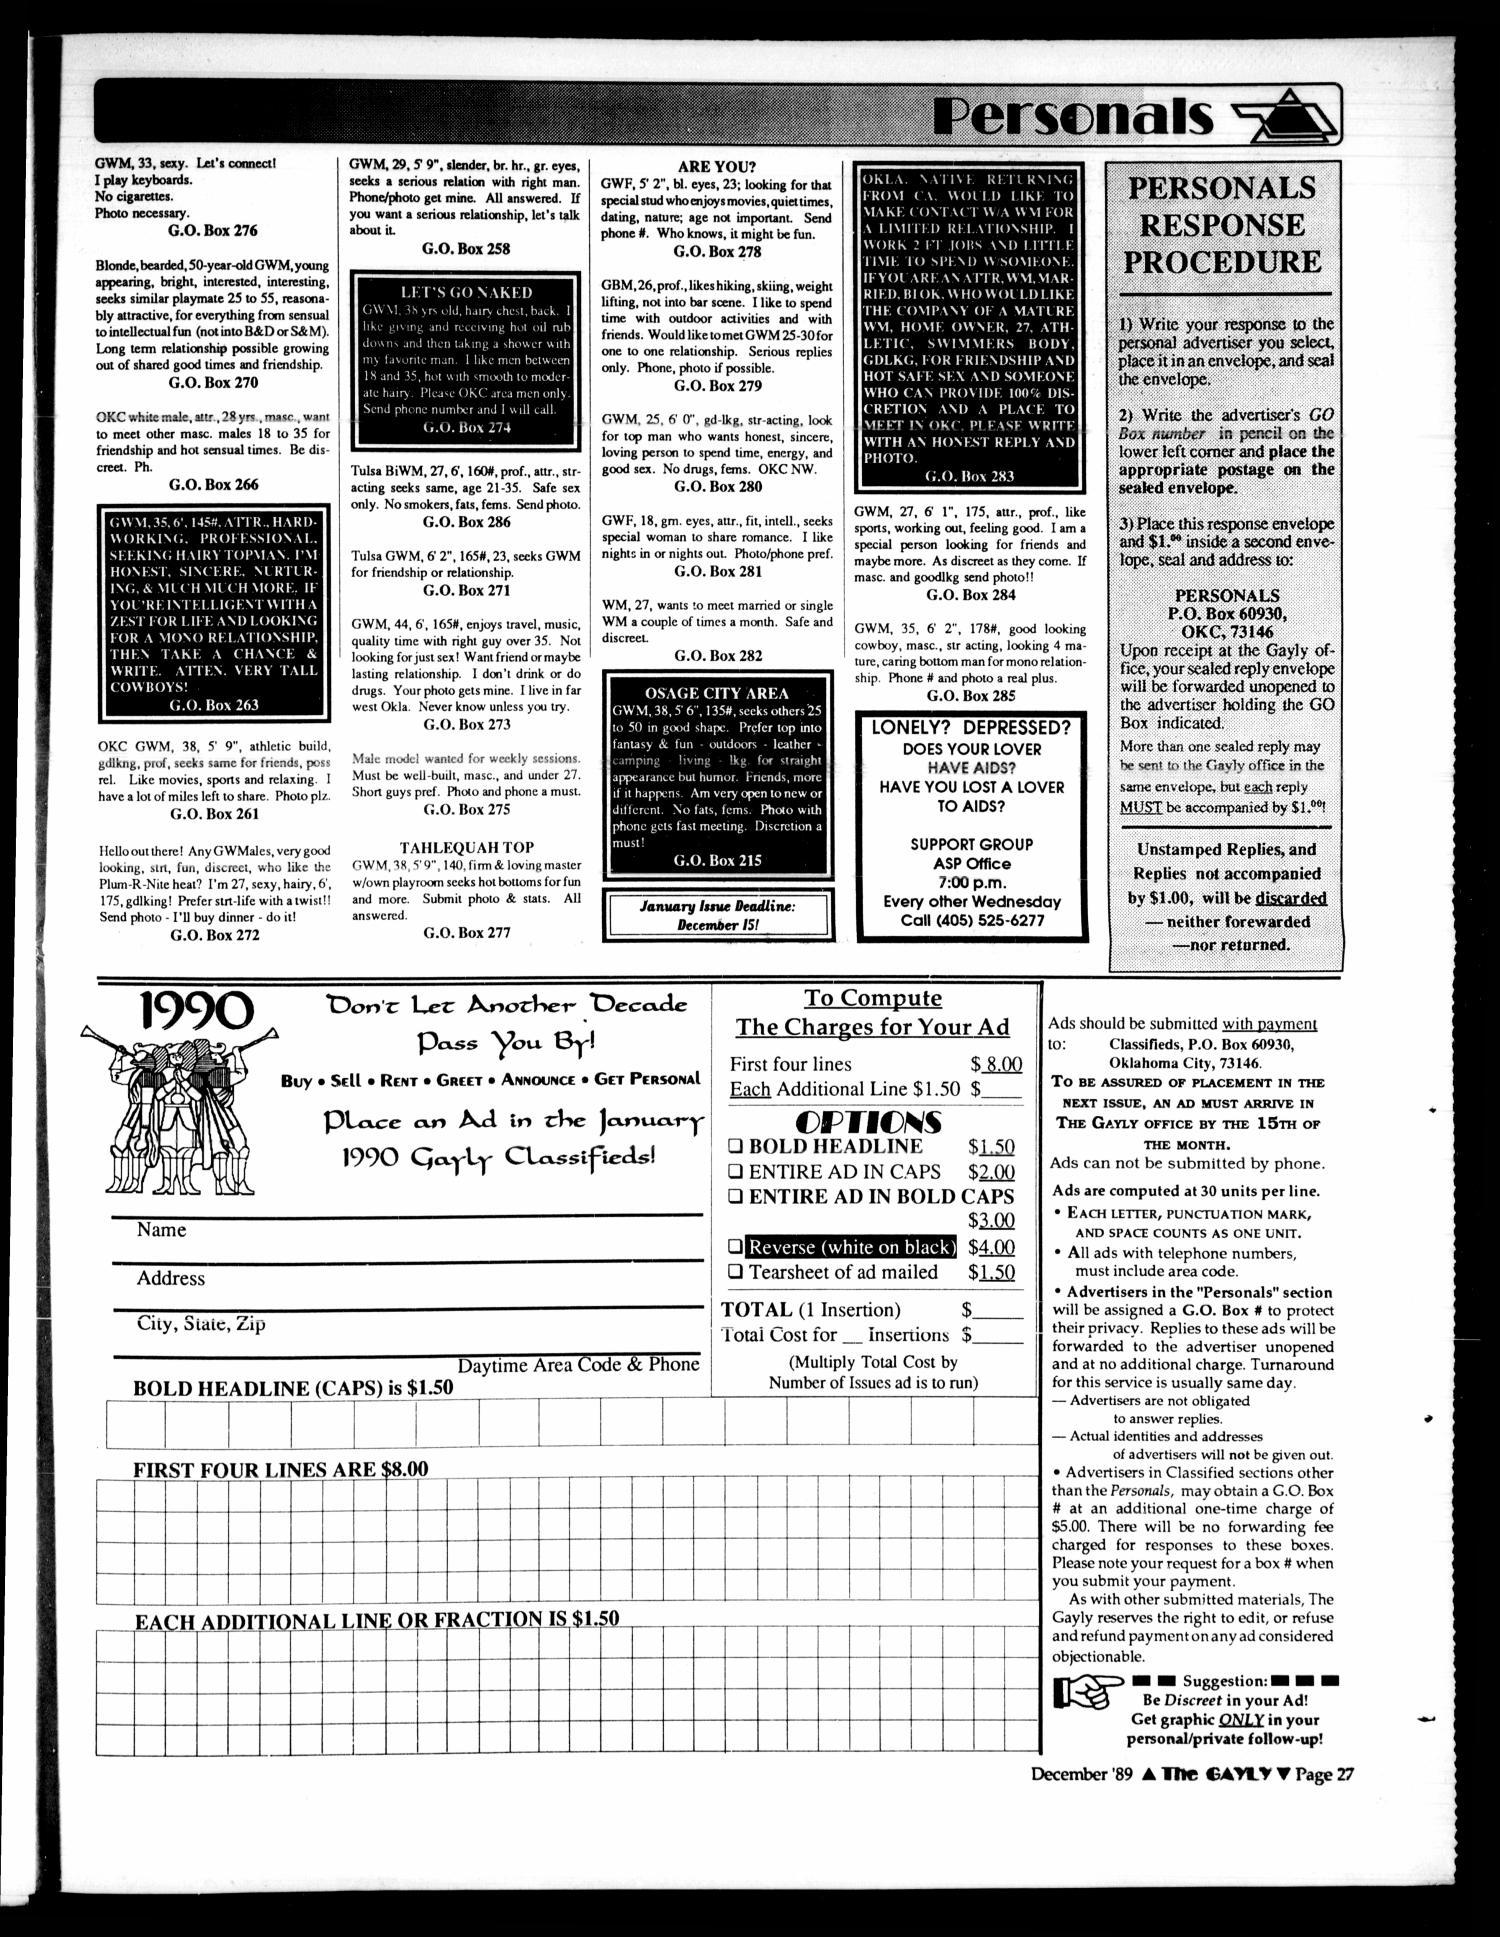 The Gayly Oklahoman (Oklahoma City, Okla ), Vol  7, No  12, Ed  1